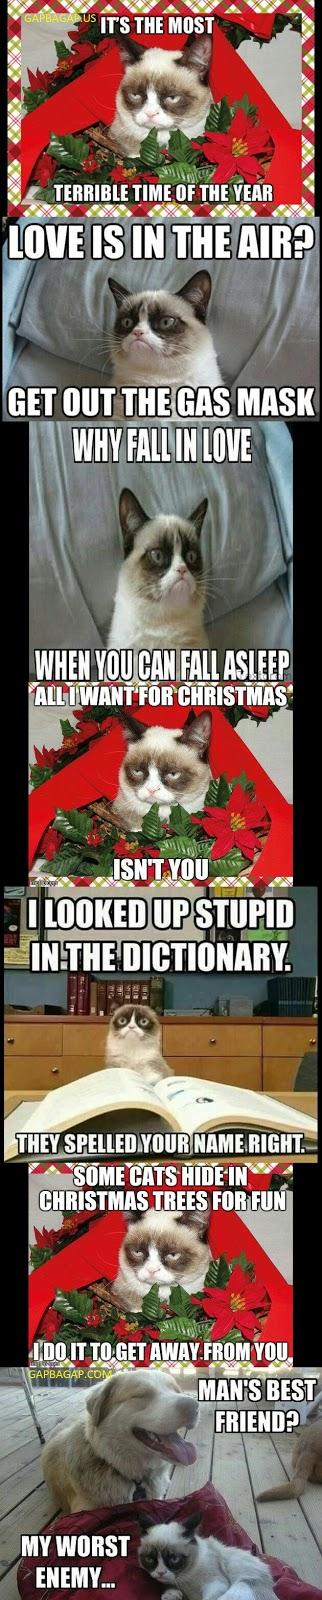 Christmas Memes Cats.Grumpy Cat Memes Christmas Grumpy Cat